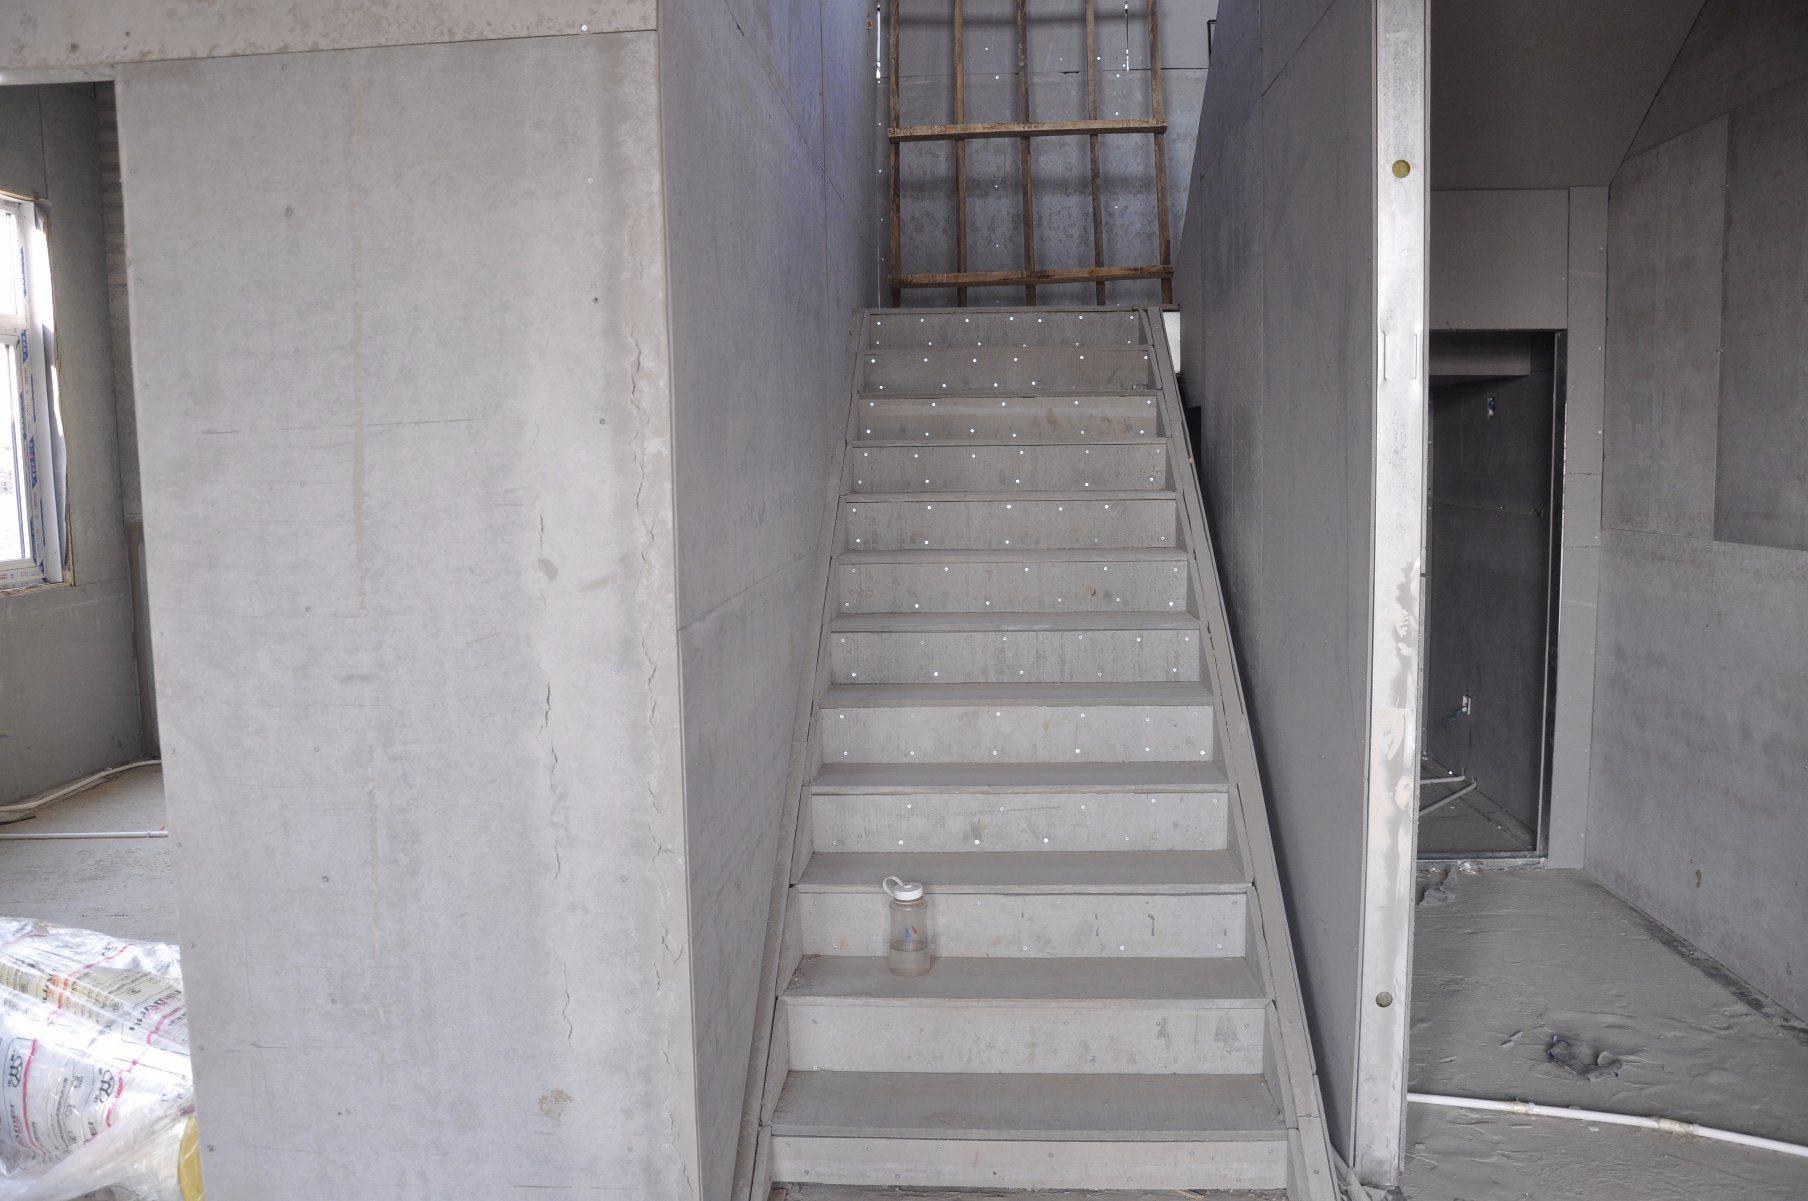 Cement Board Interior Walls : China fiber cement board interior wall panel photos